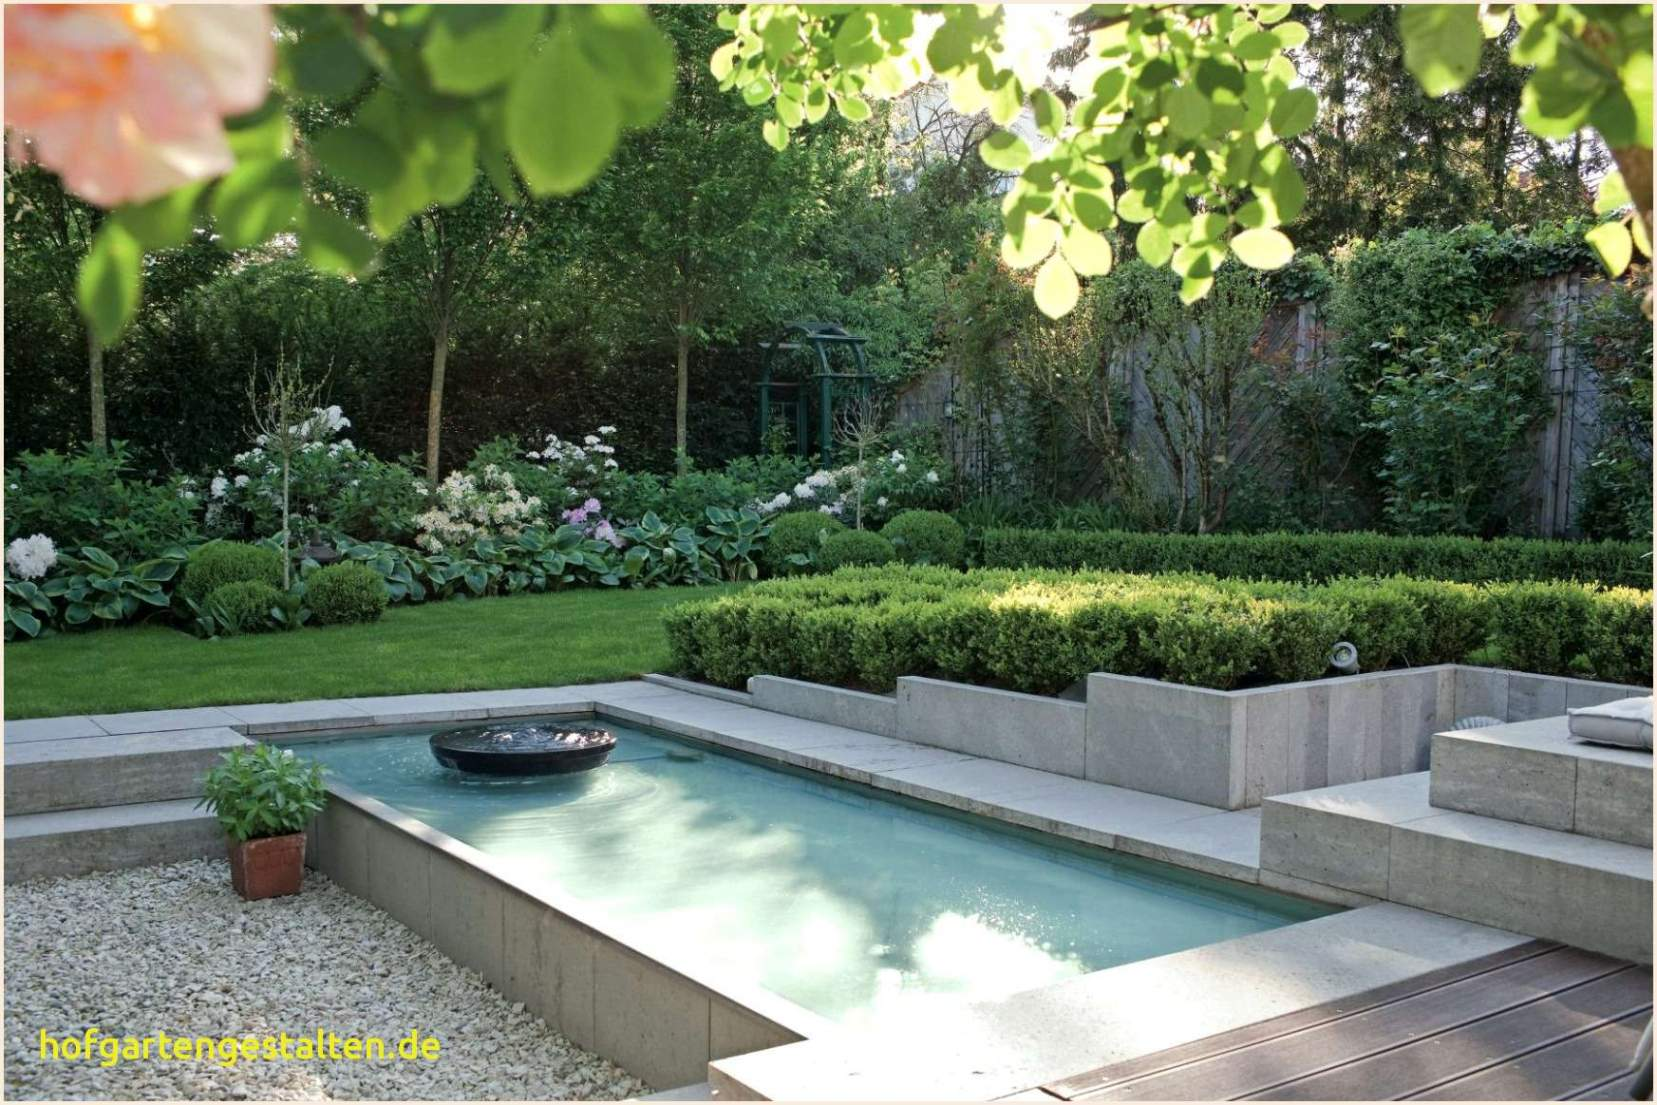 39 luxus springbrunnen garten traumgarten mit pool traumgarten mit pool